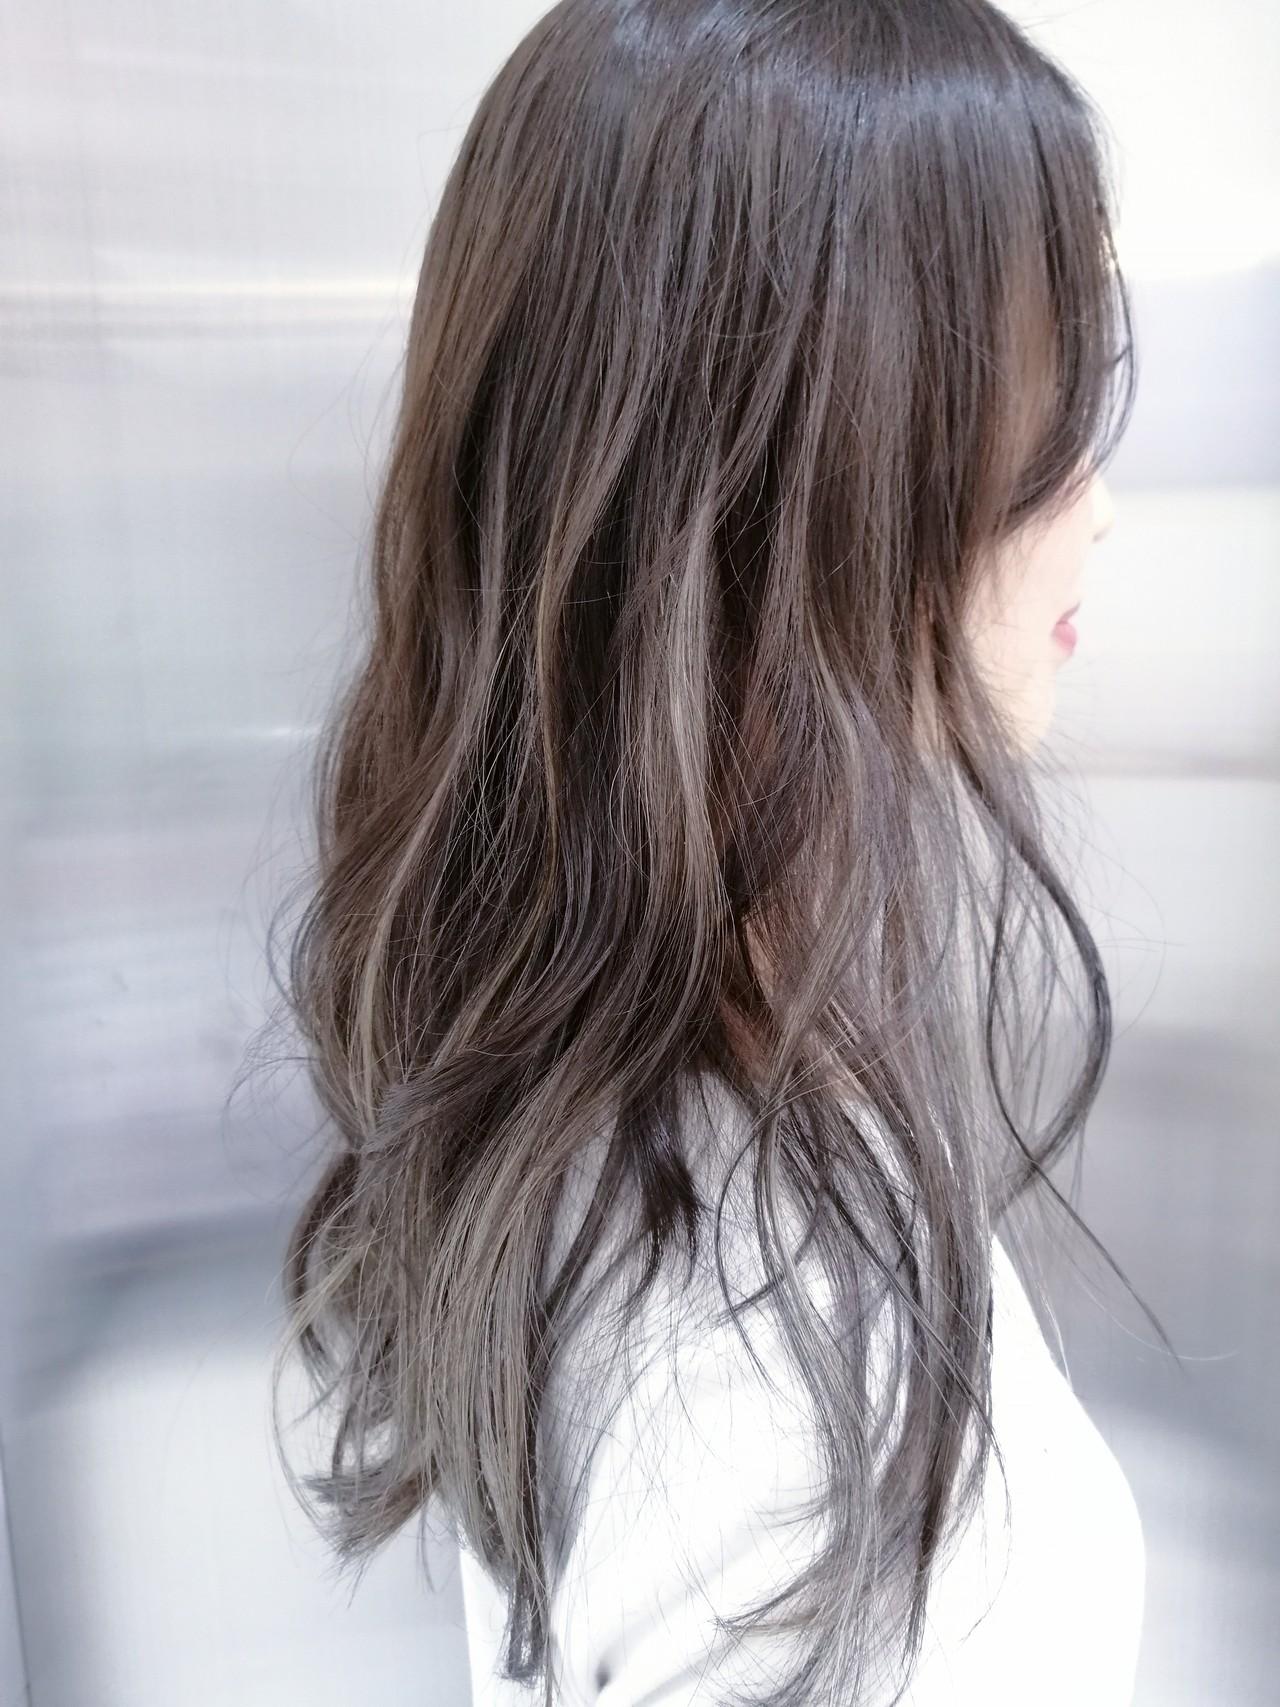 ミルクティーベージュ ハイライト 透明感カラー 外国人風カラー ヘアスタイルや髪型の写真・画像